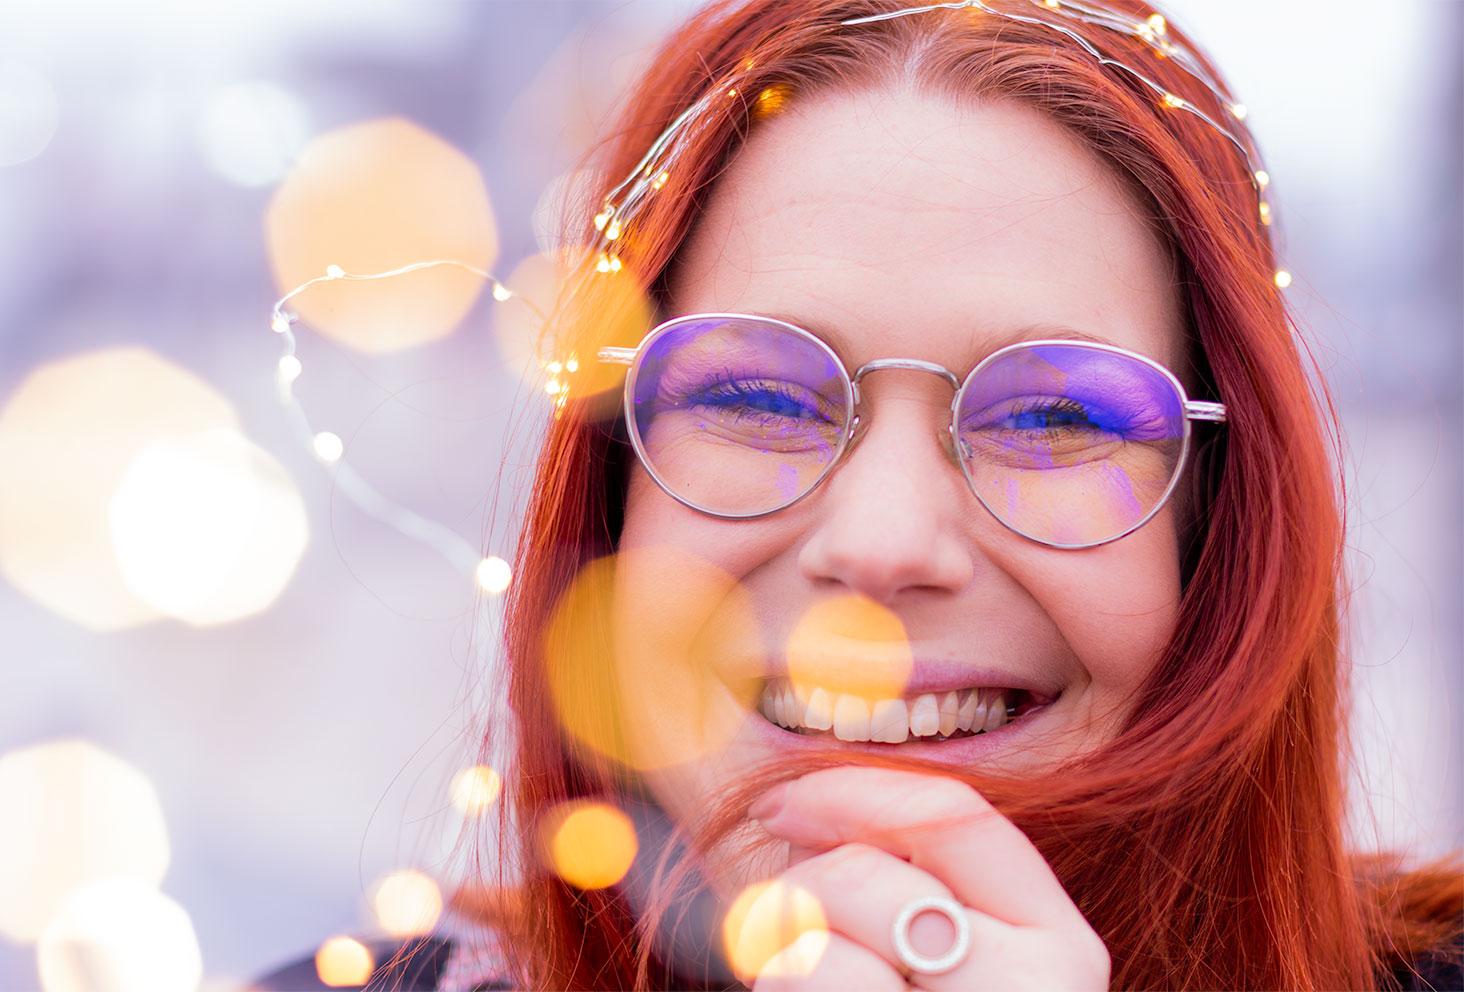 Nouvelle année 2019, lunettes argentées et guirlande lumineuse en couronne sur la tête, avec le sourire